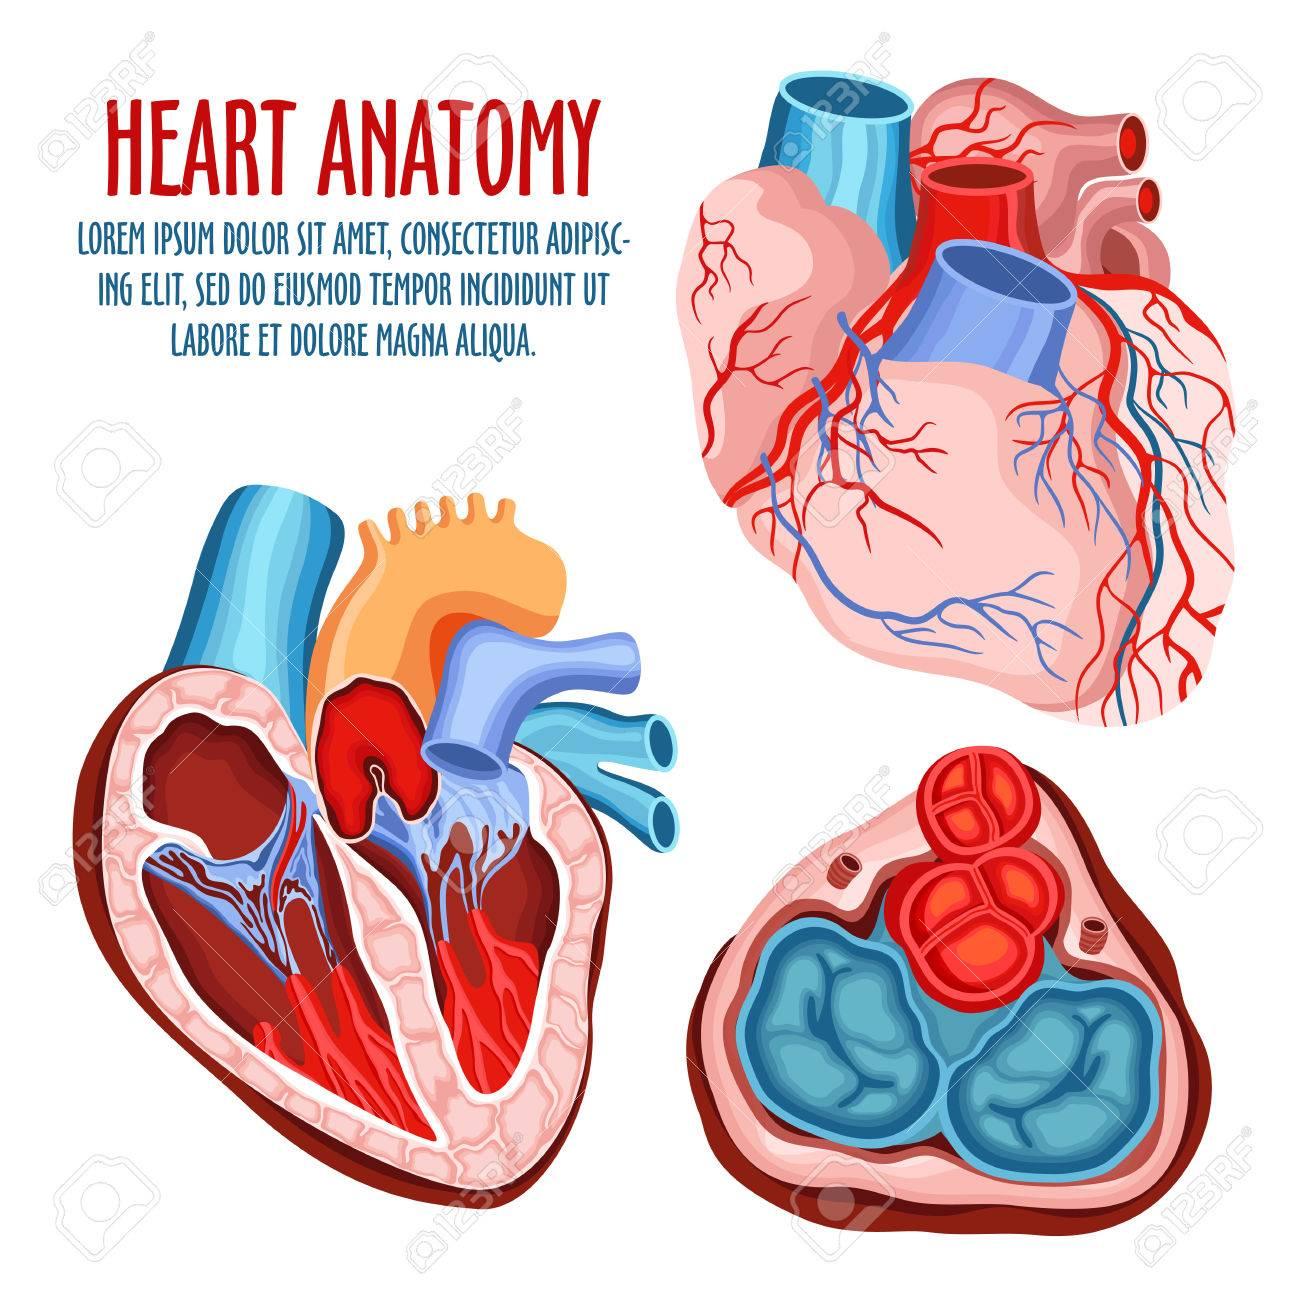 Anatomie Des Herzens, Menschliches Koronares Organ Mit Atrium Und ...